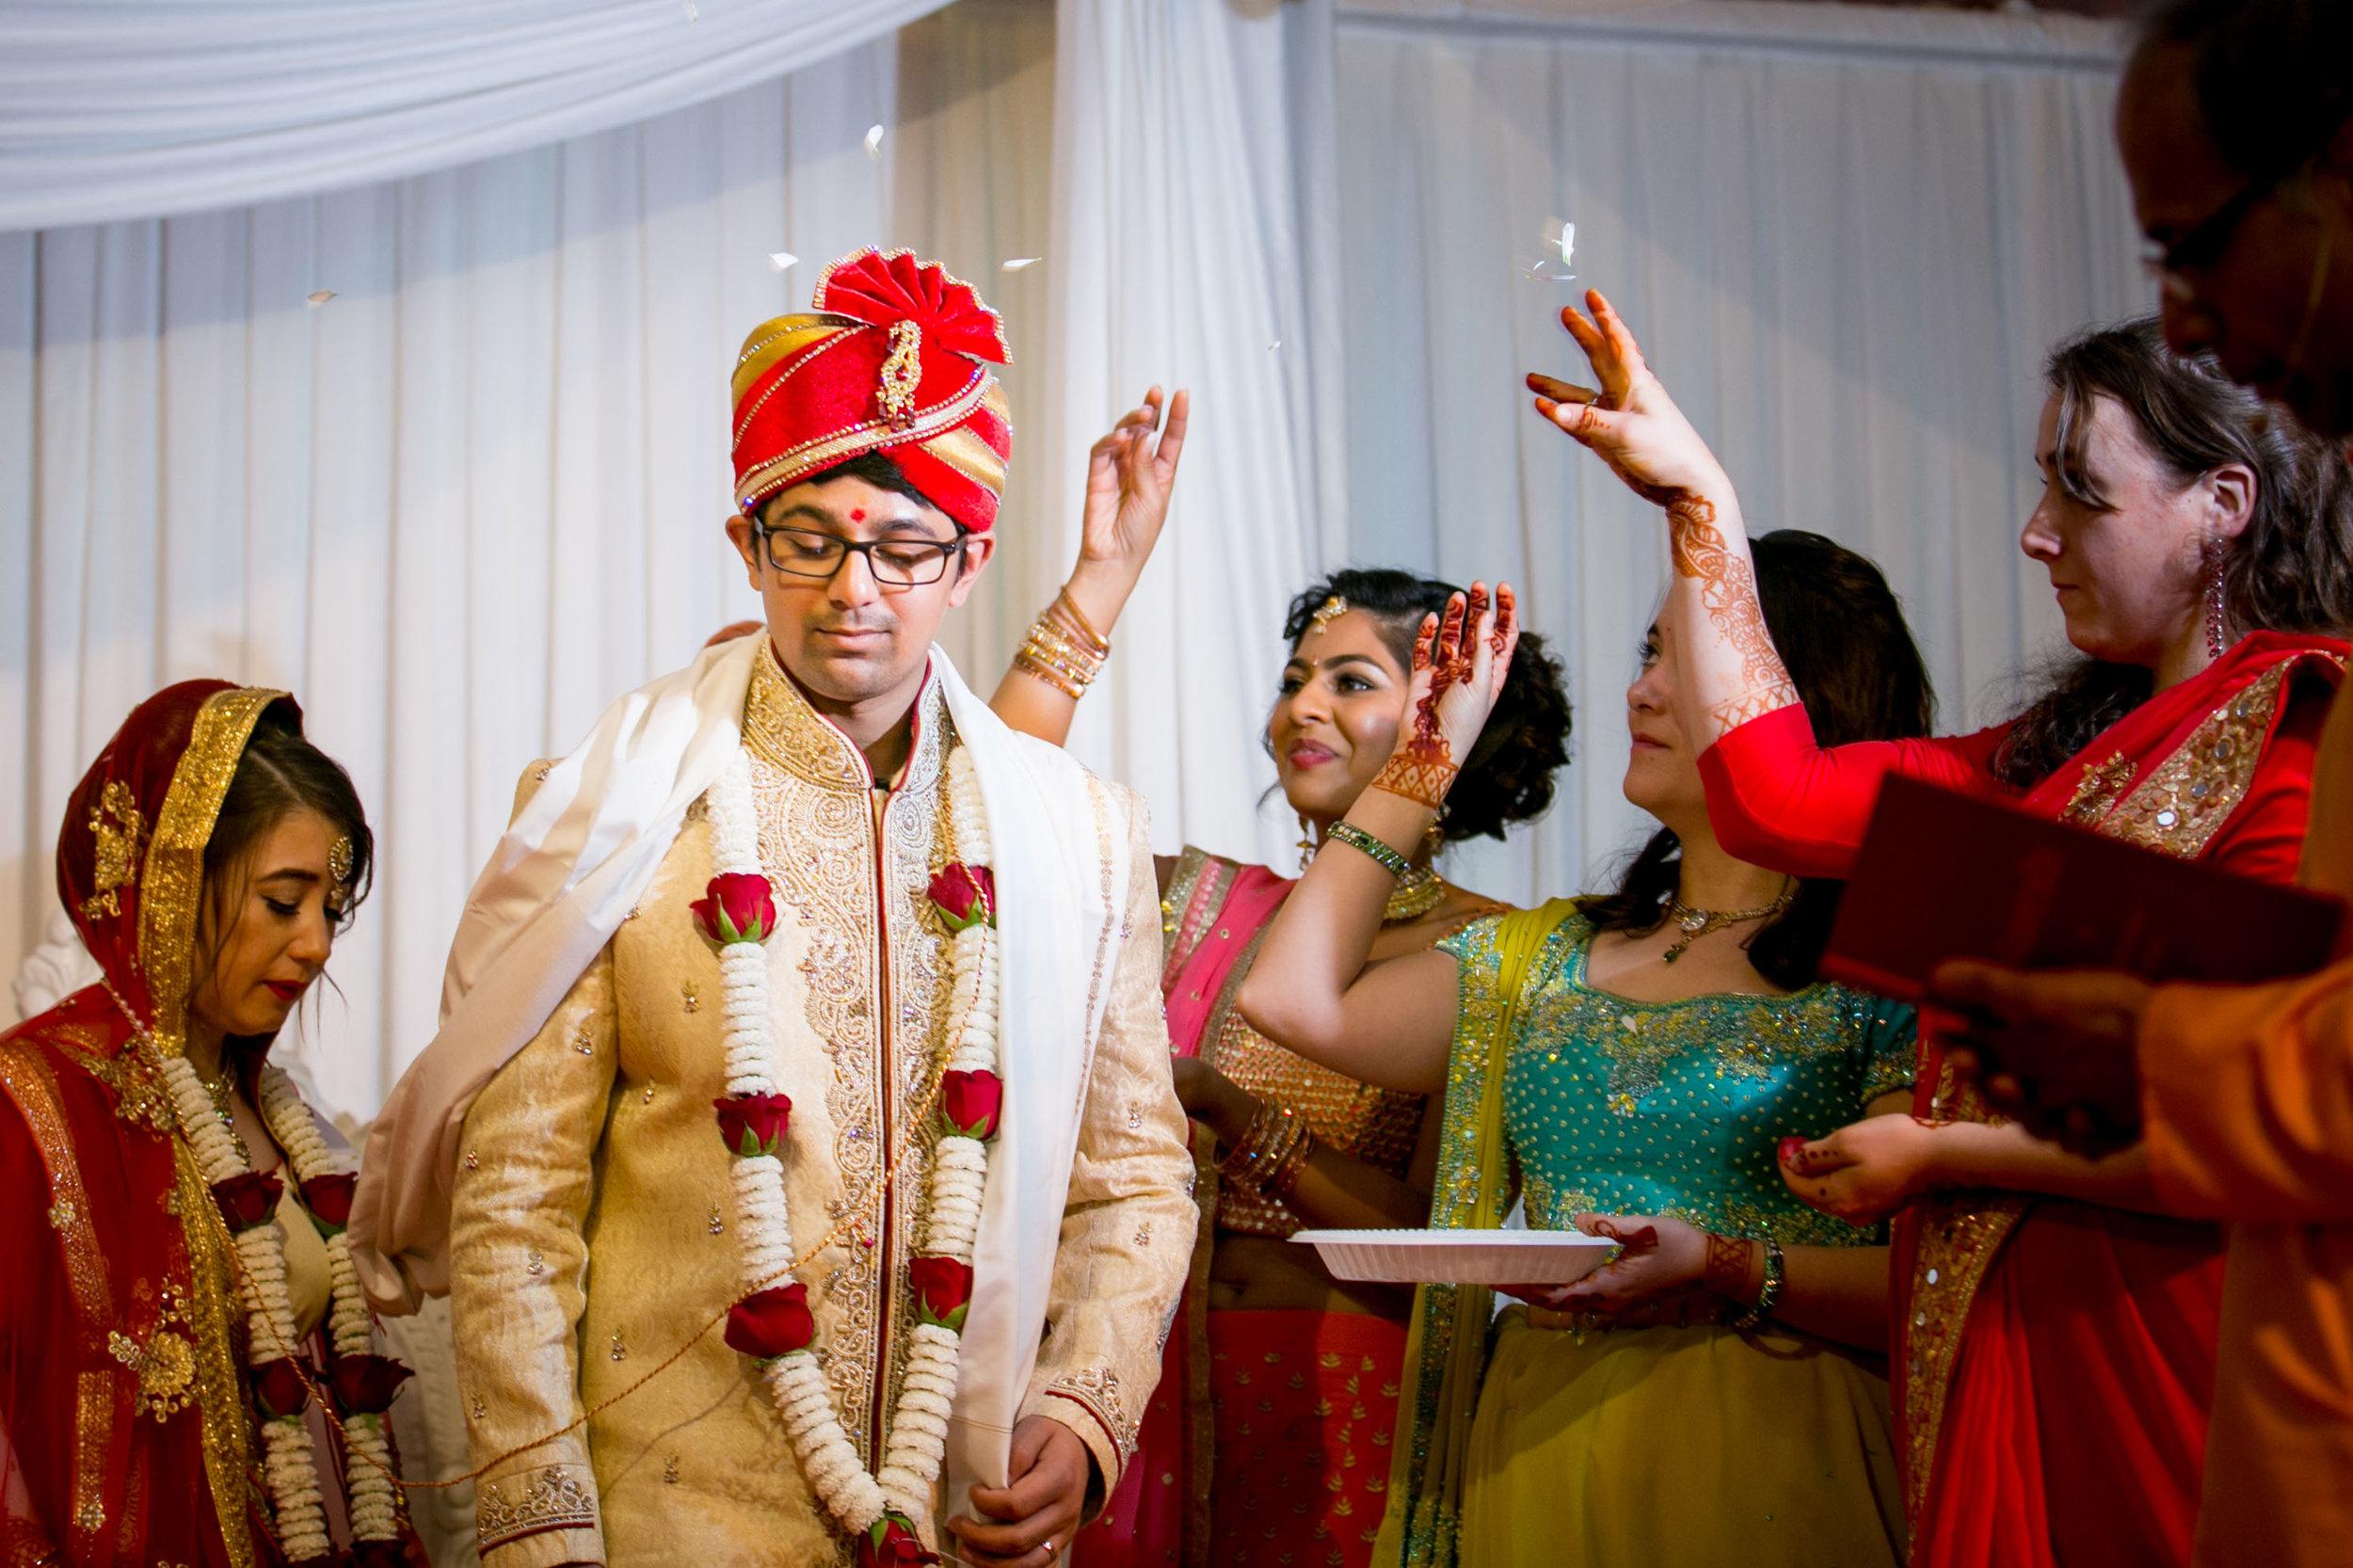 asian-Hindu-wedding-photographer-birmingham-abbey-park-leicester-natalia-smith-photography-38.jpg